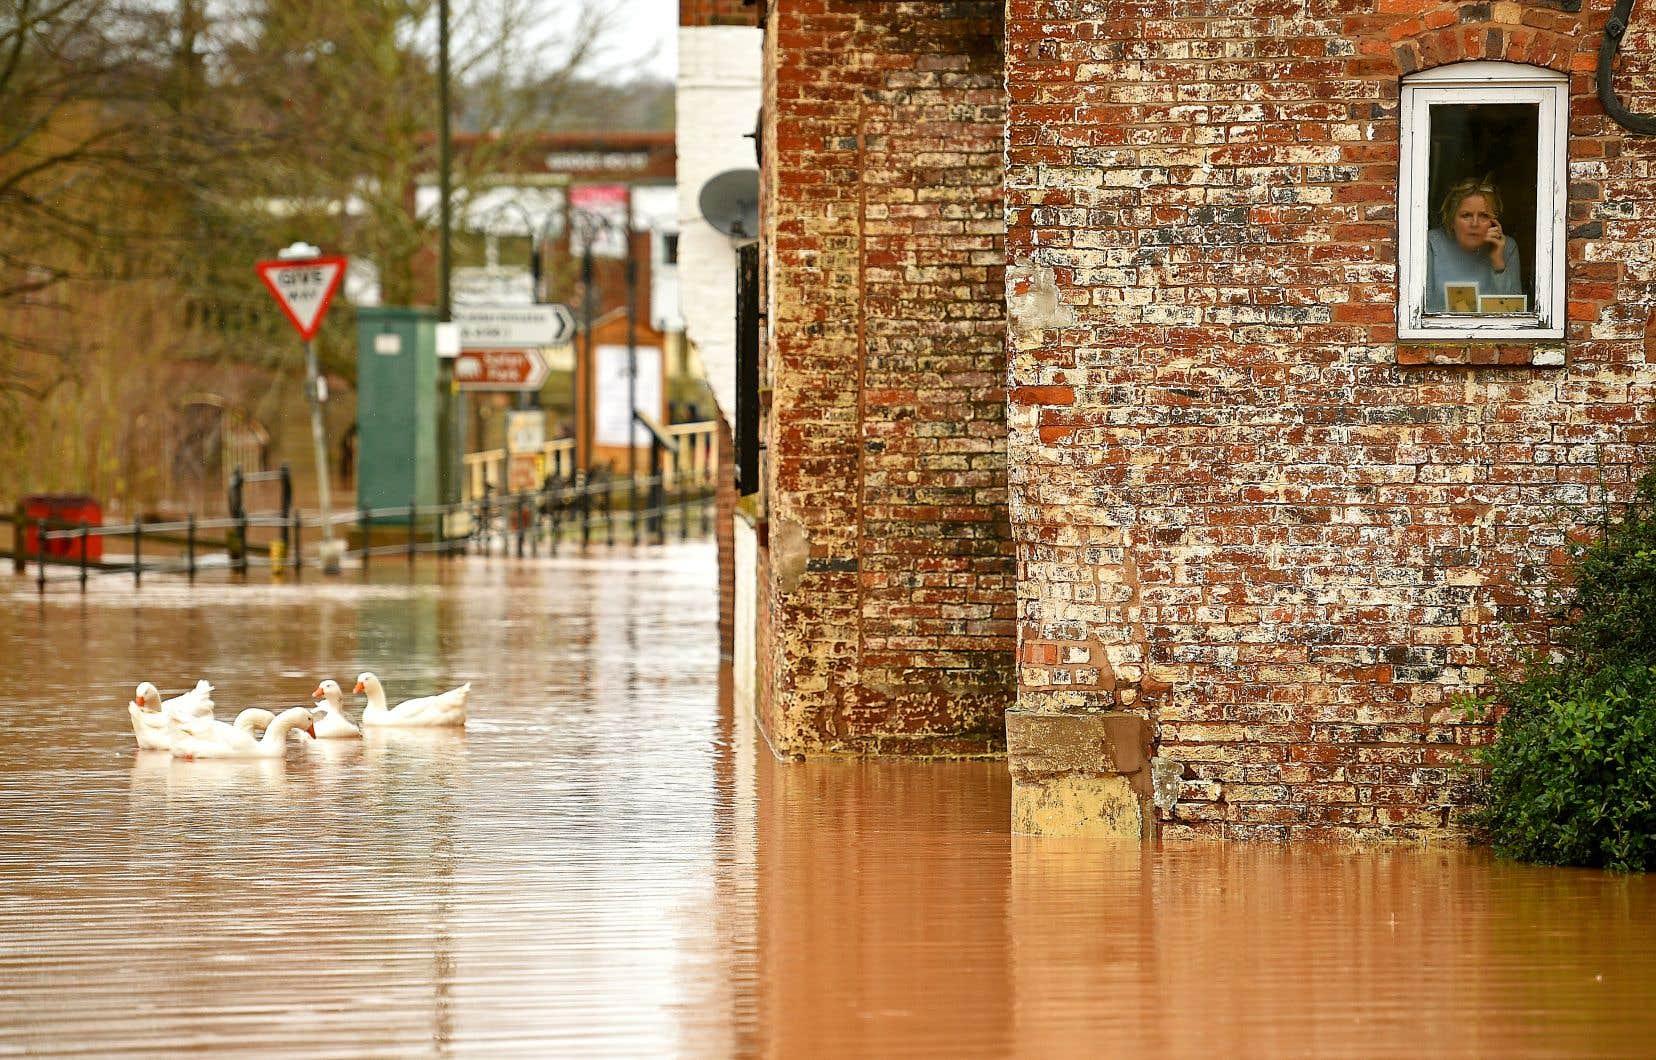 Des centaines d'alertes aux inondations sont toujours en place, notamment dans le sud du Pays de Galles, dont cinq graves dans l'ouest de l'Angleterre, selon l'Agence de l'environnement.